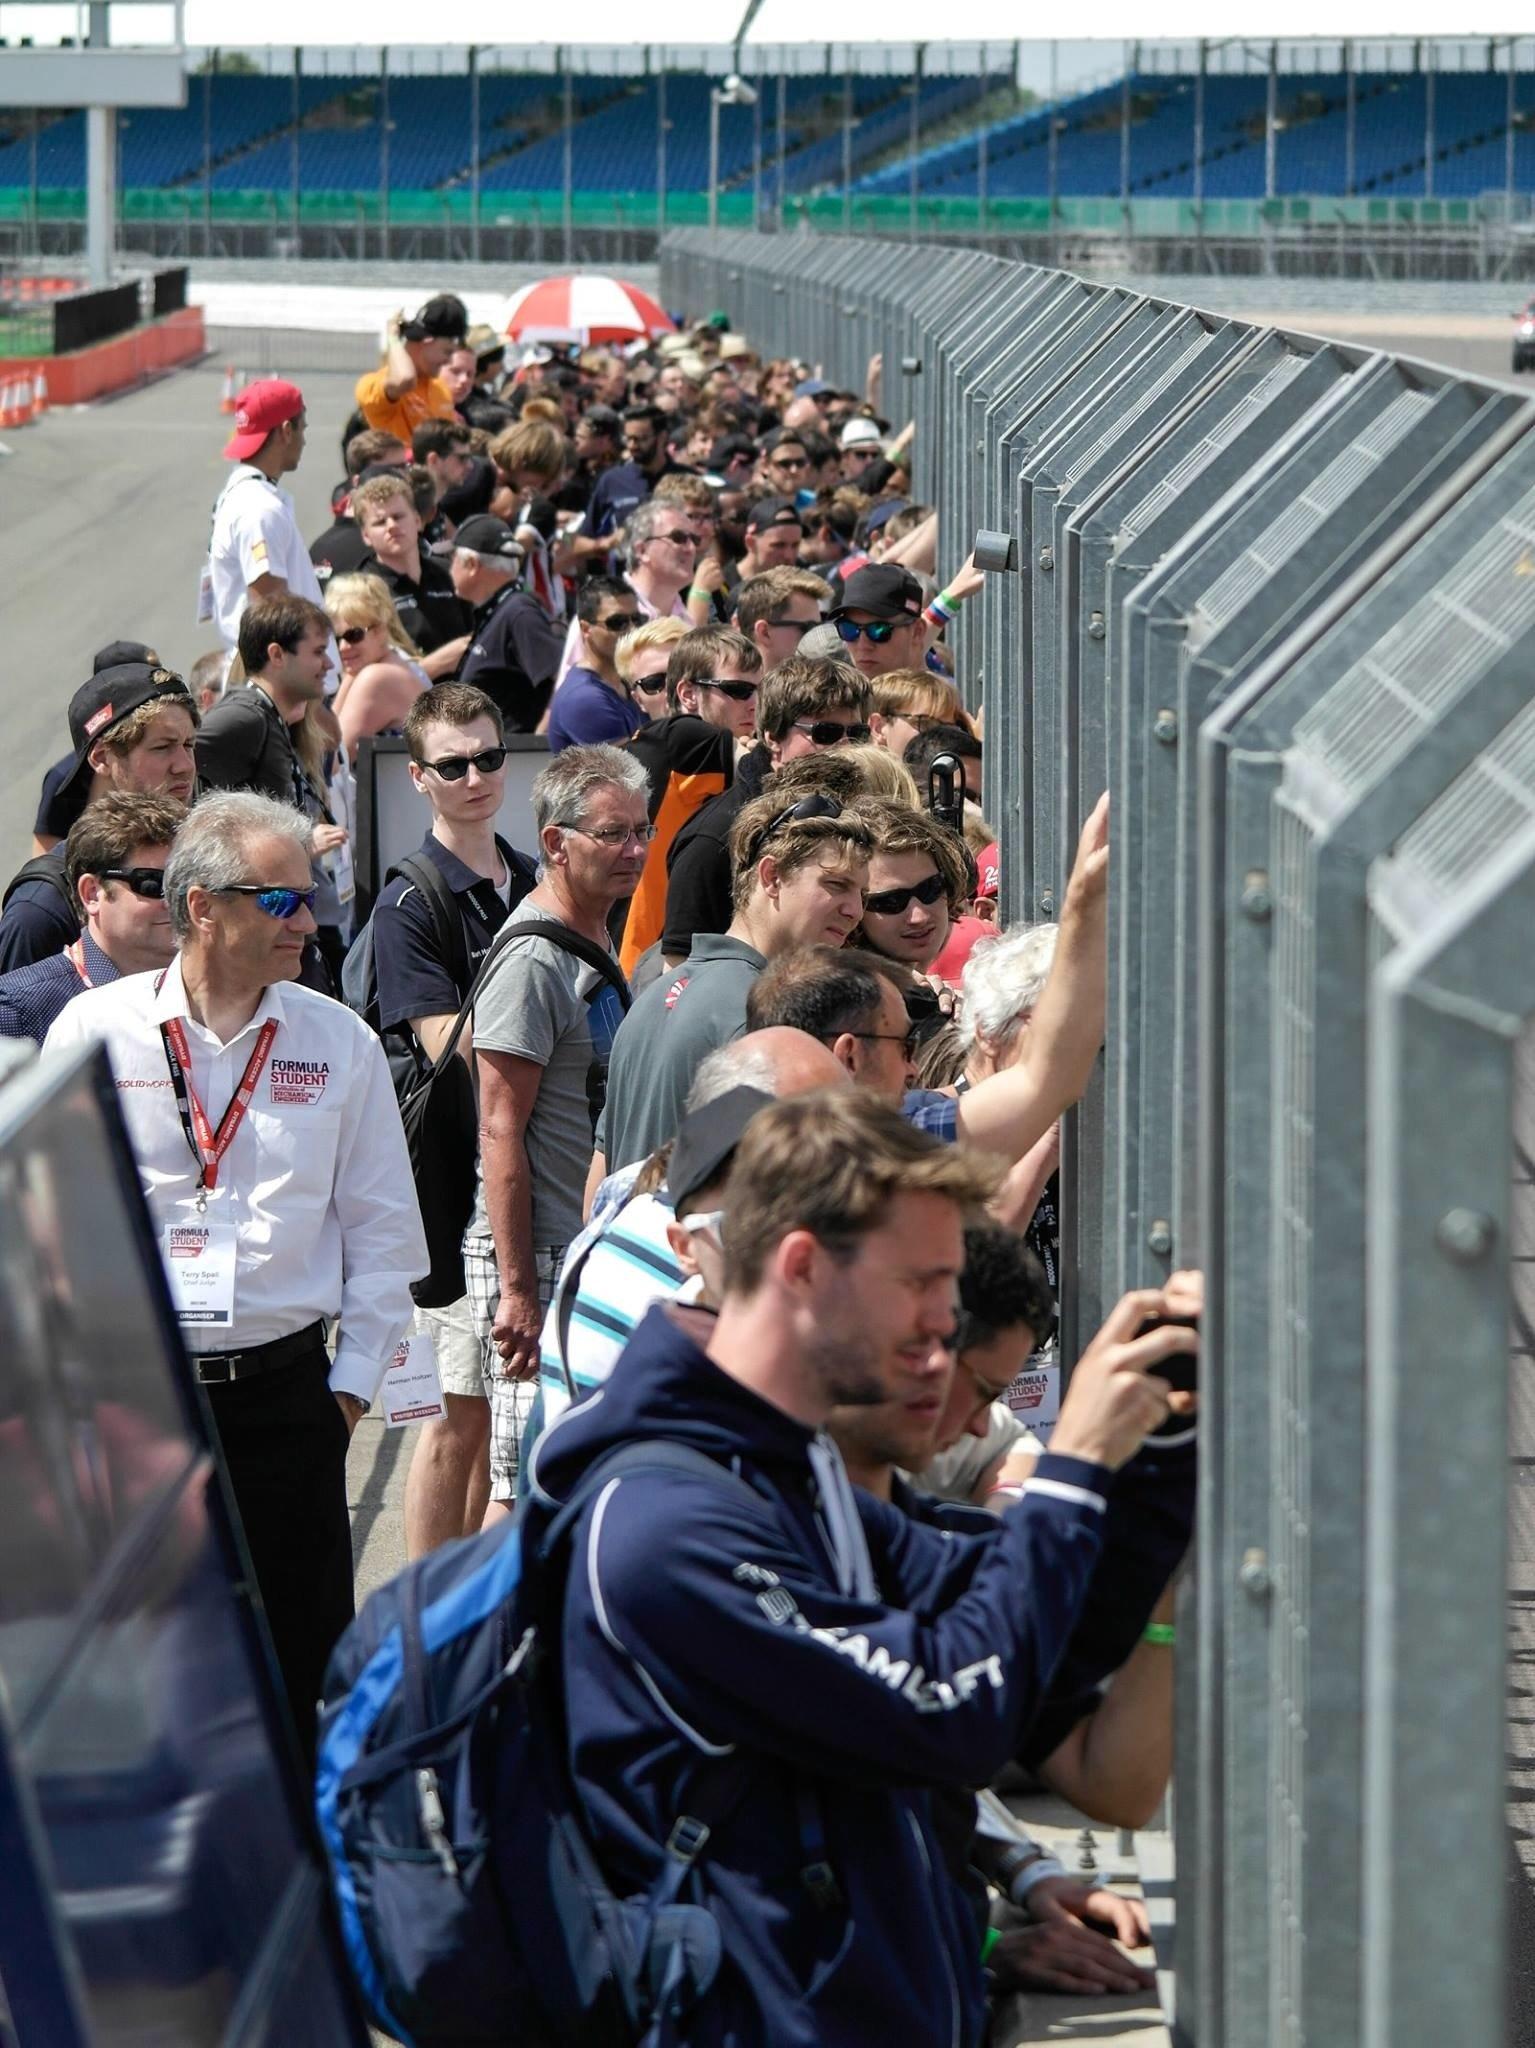 Das Interesse der Zuschauer an der Strecke in Silverstone war groß: 96 Teams ging beim ersten Rennen der Formula Student an den Start. Das deutsche Rennen auf dem Hockenheimring findet 31. Juli bis 2. August statt.